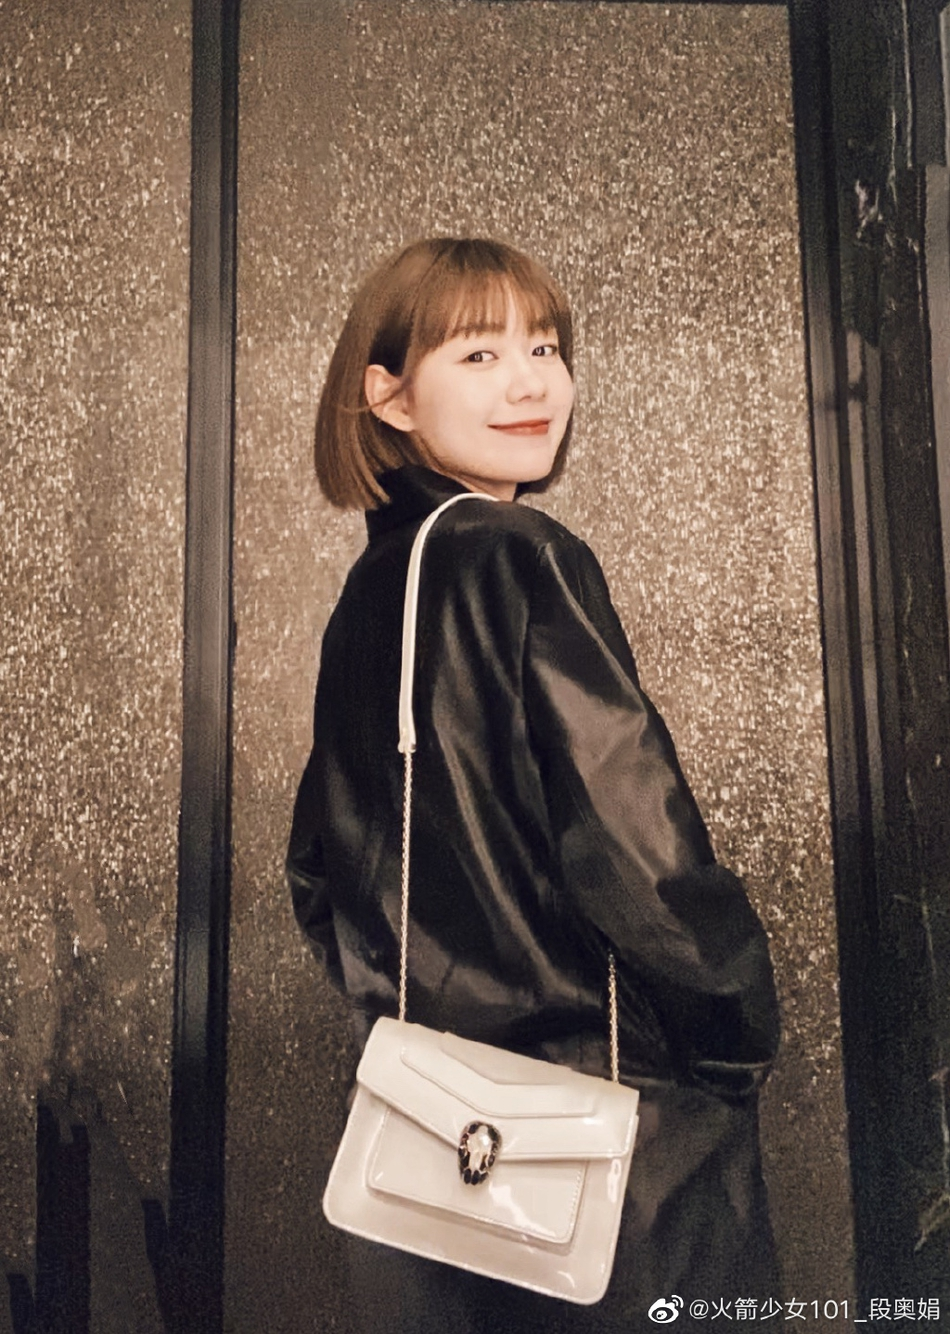 段奥娟白色衬衫帅气迷人 回眸一笑元气满满